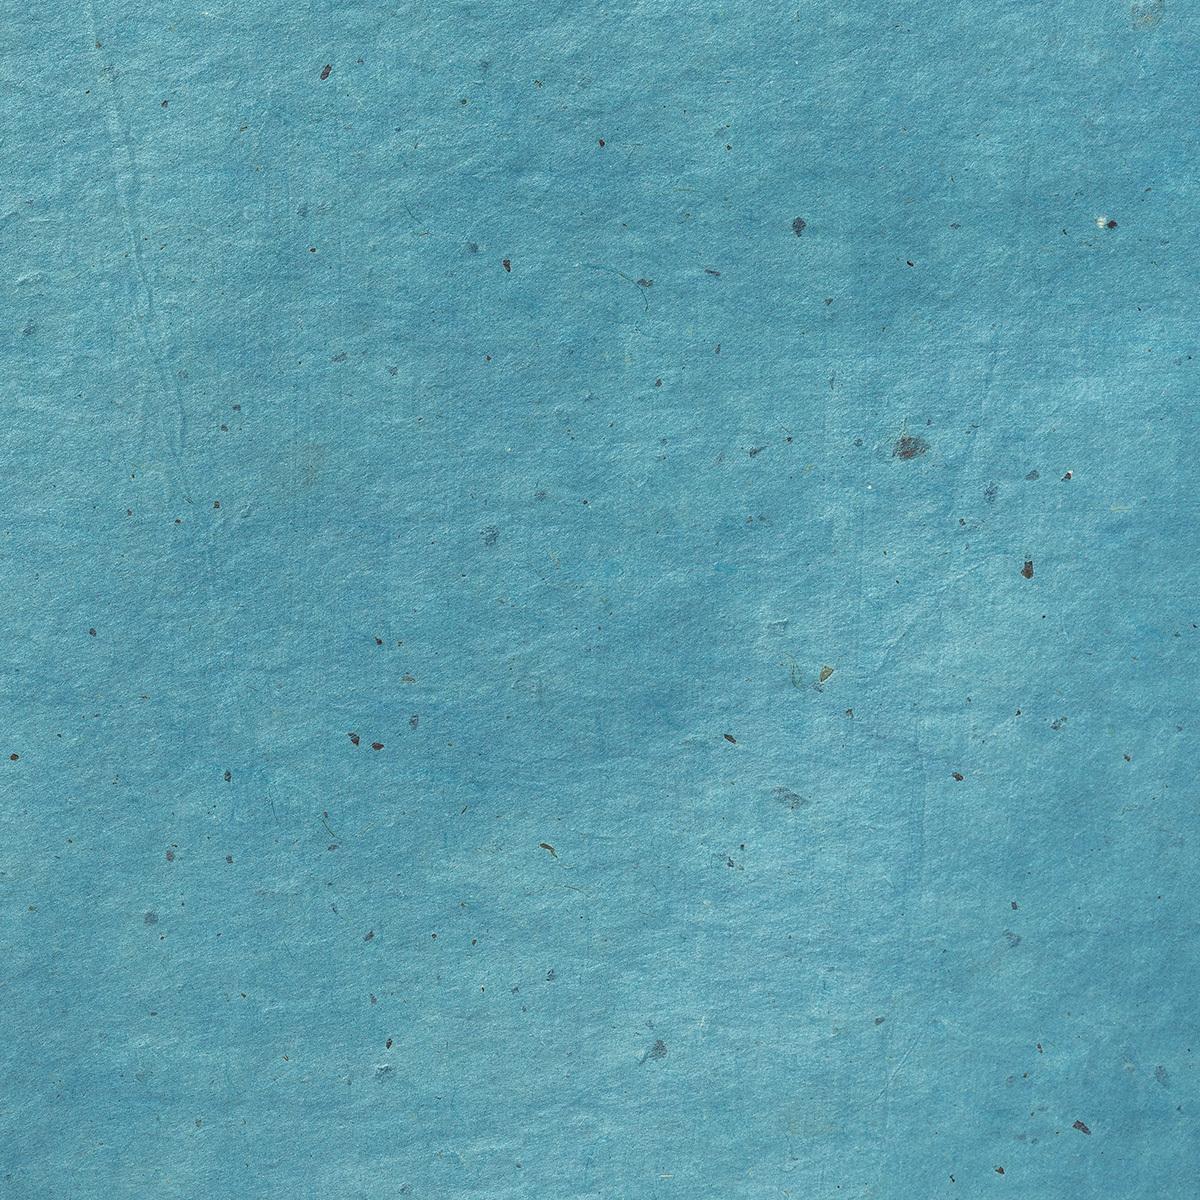 阿波 藍染め紙 小かす入(あさぎ)